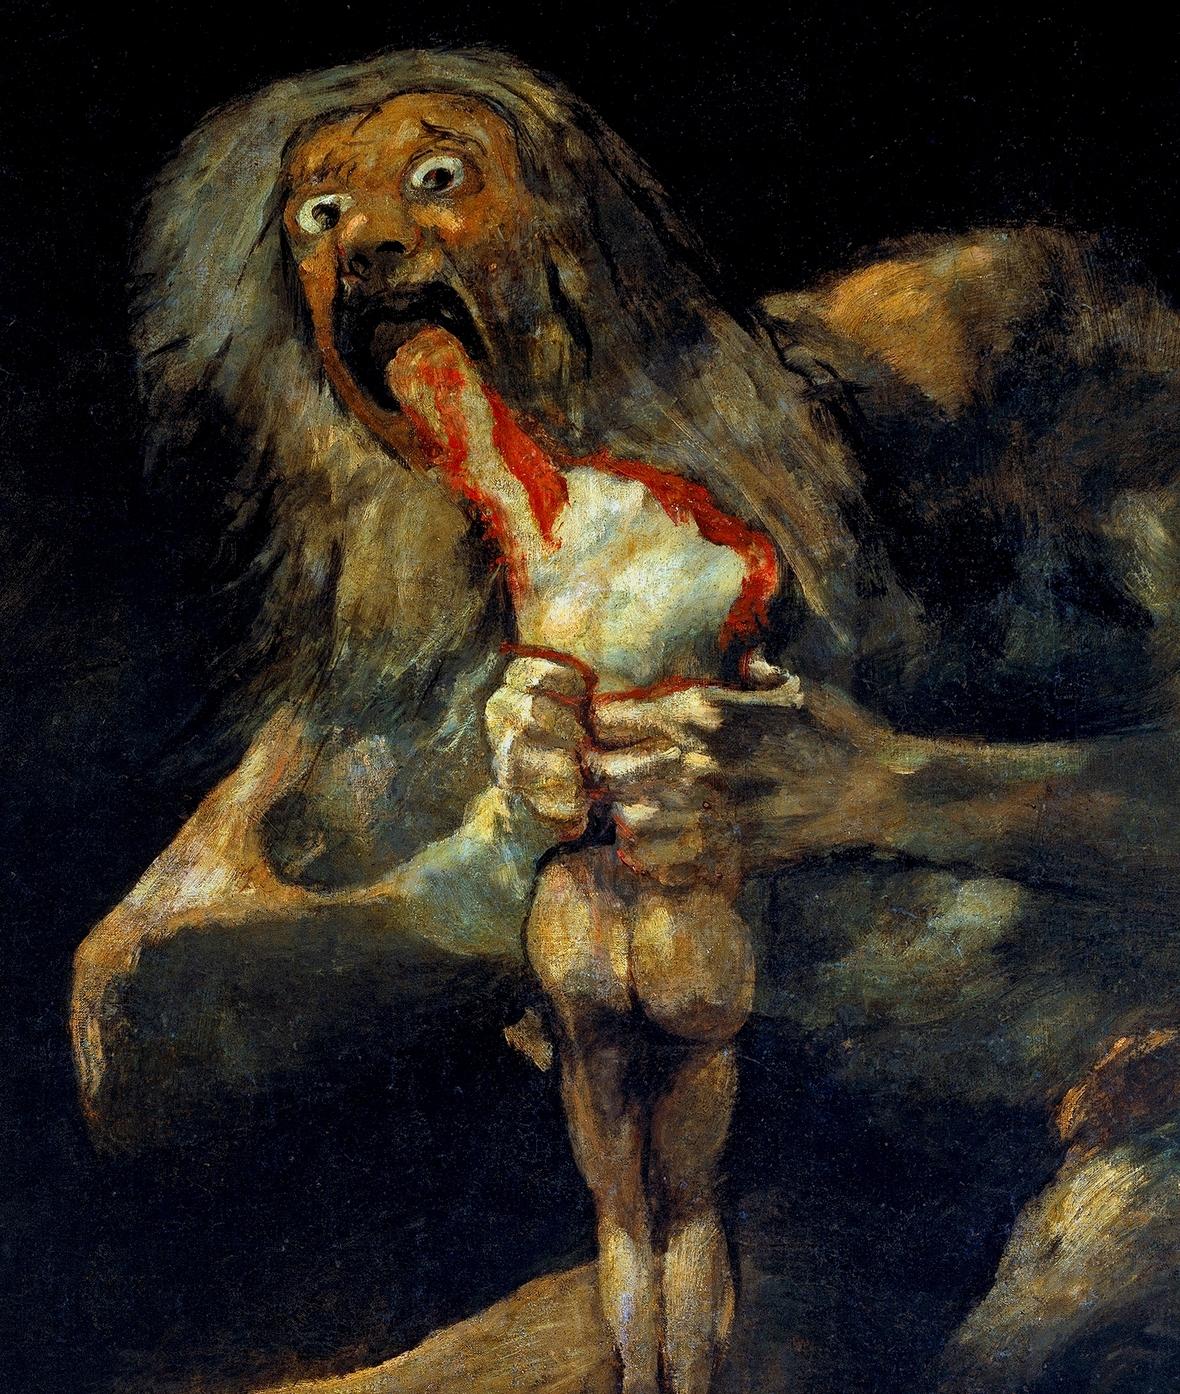 Francisco de Goya Saturno devorando a su hijo 1819-1823 crop